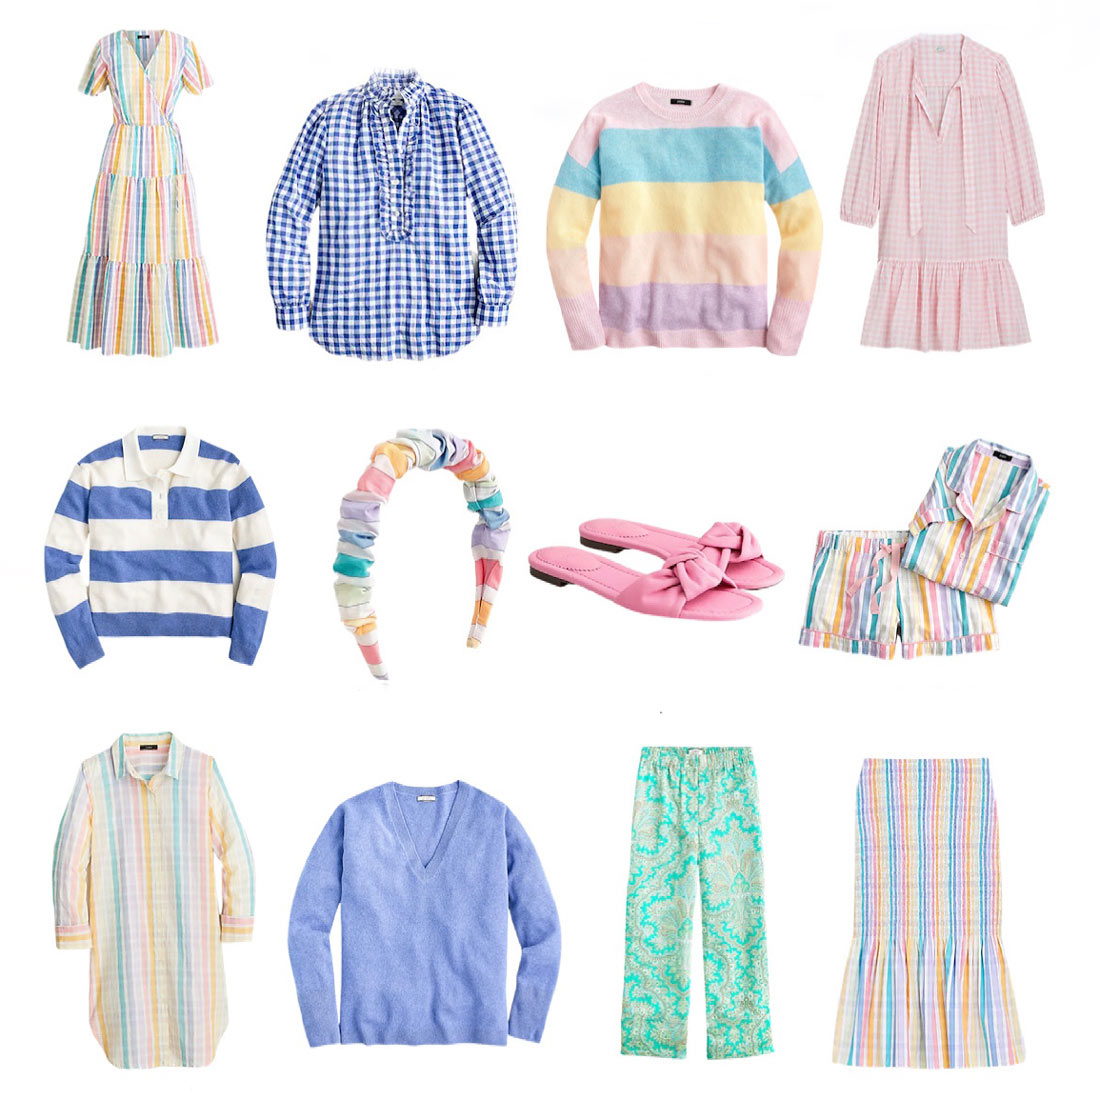 Preppy Fashion Ideas